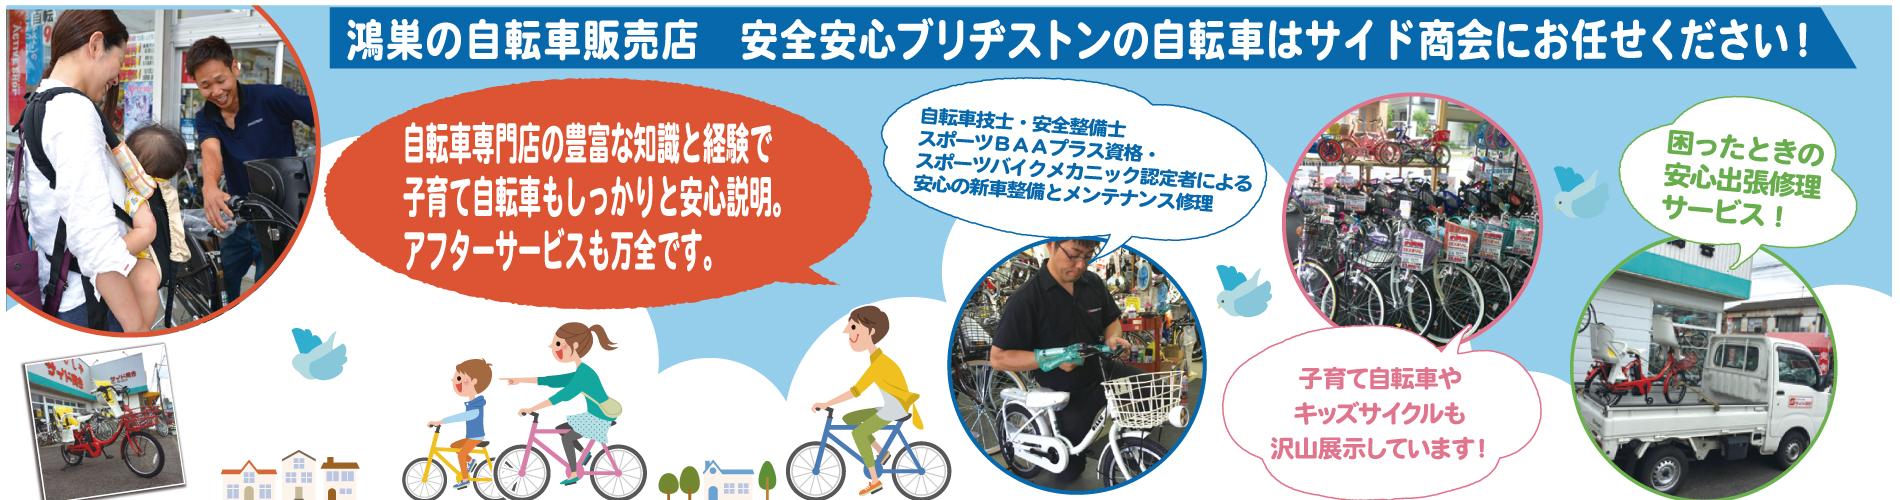 埼玉県鴻巣市の自転車販売店サイド商会です。